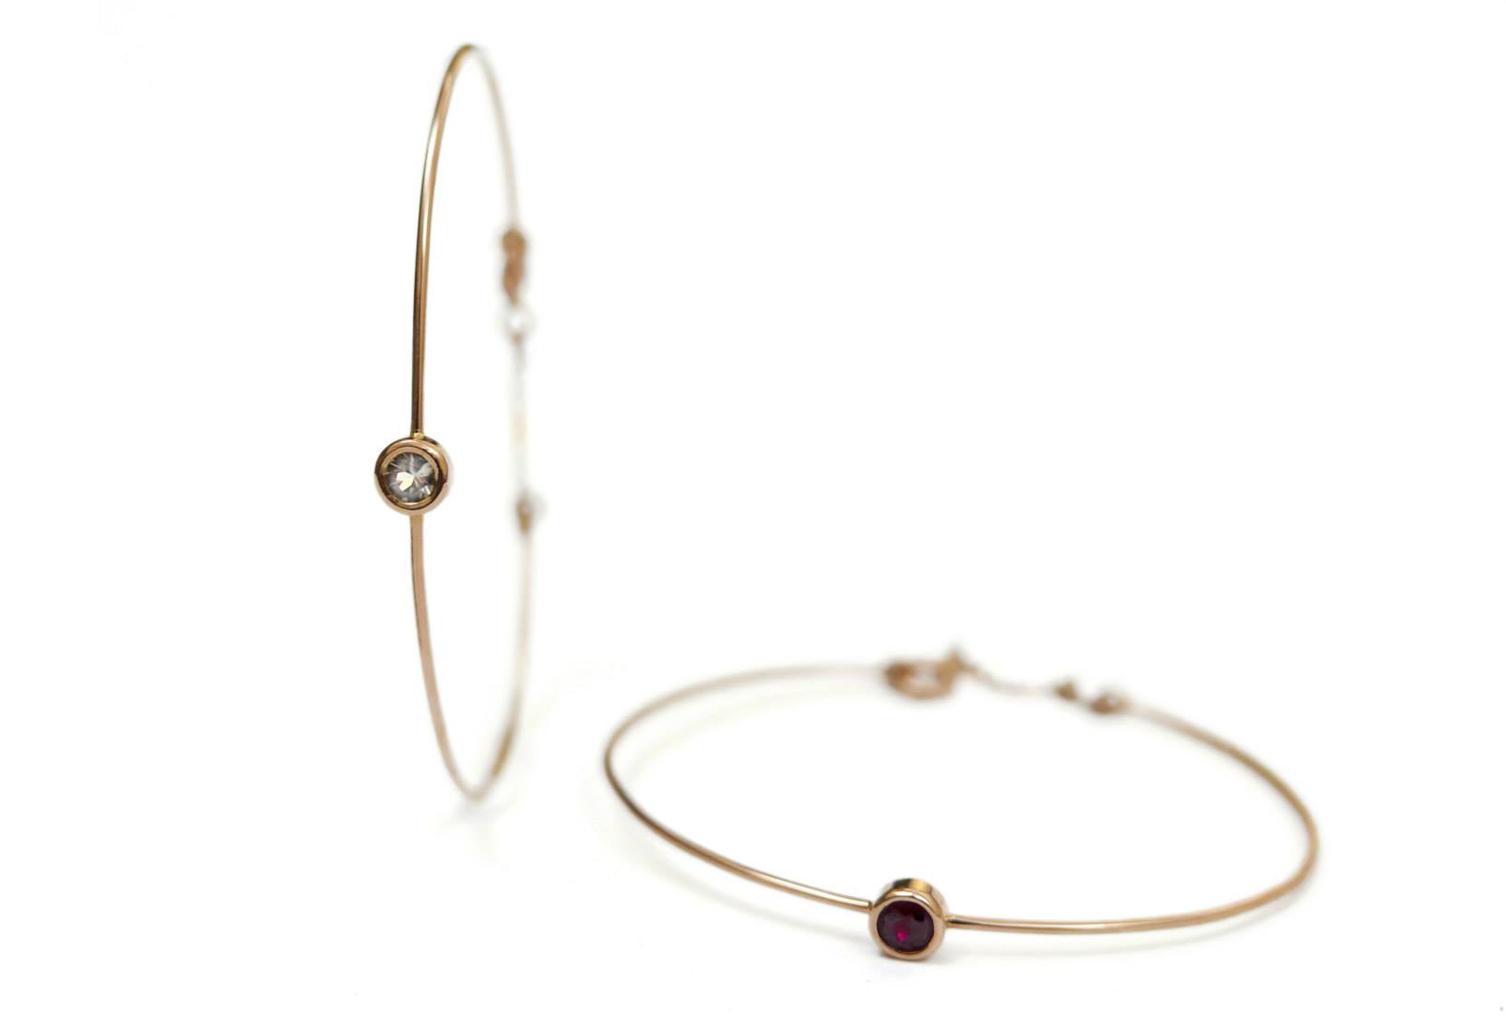 Bracciale-in-oro-rosa-con-rubino-e-zaffiro-daniele-pifferi-gioielli